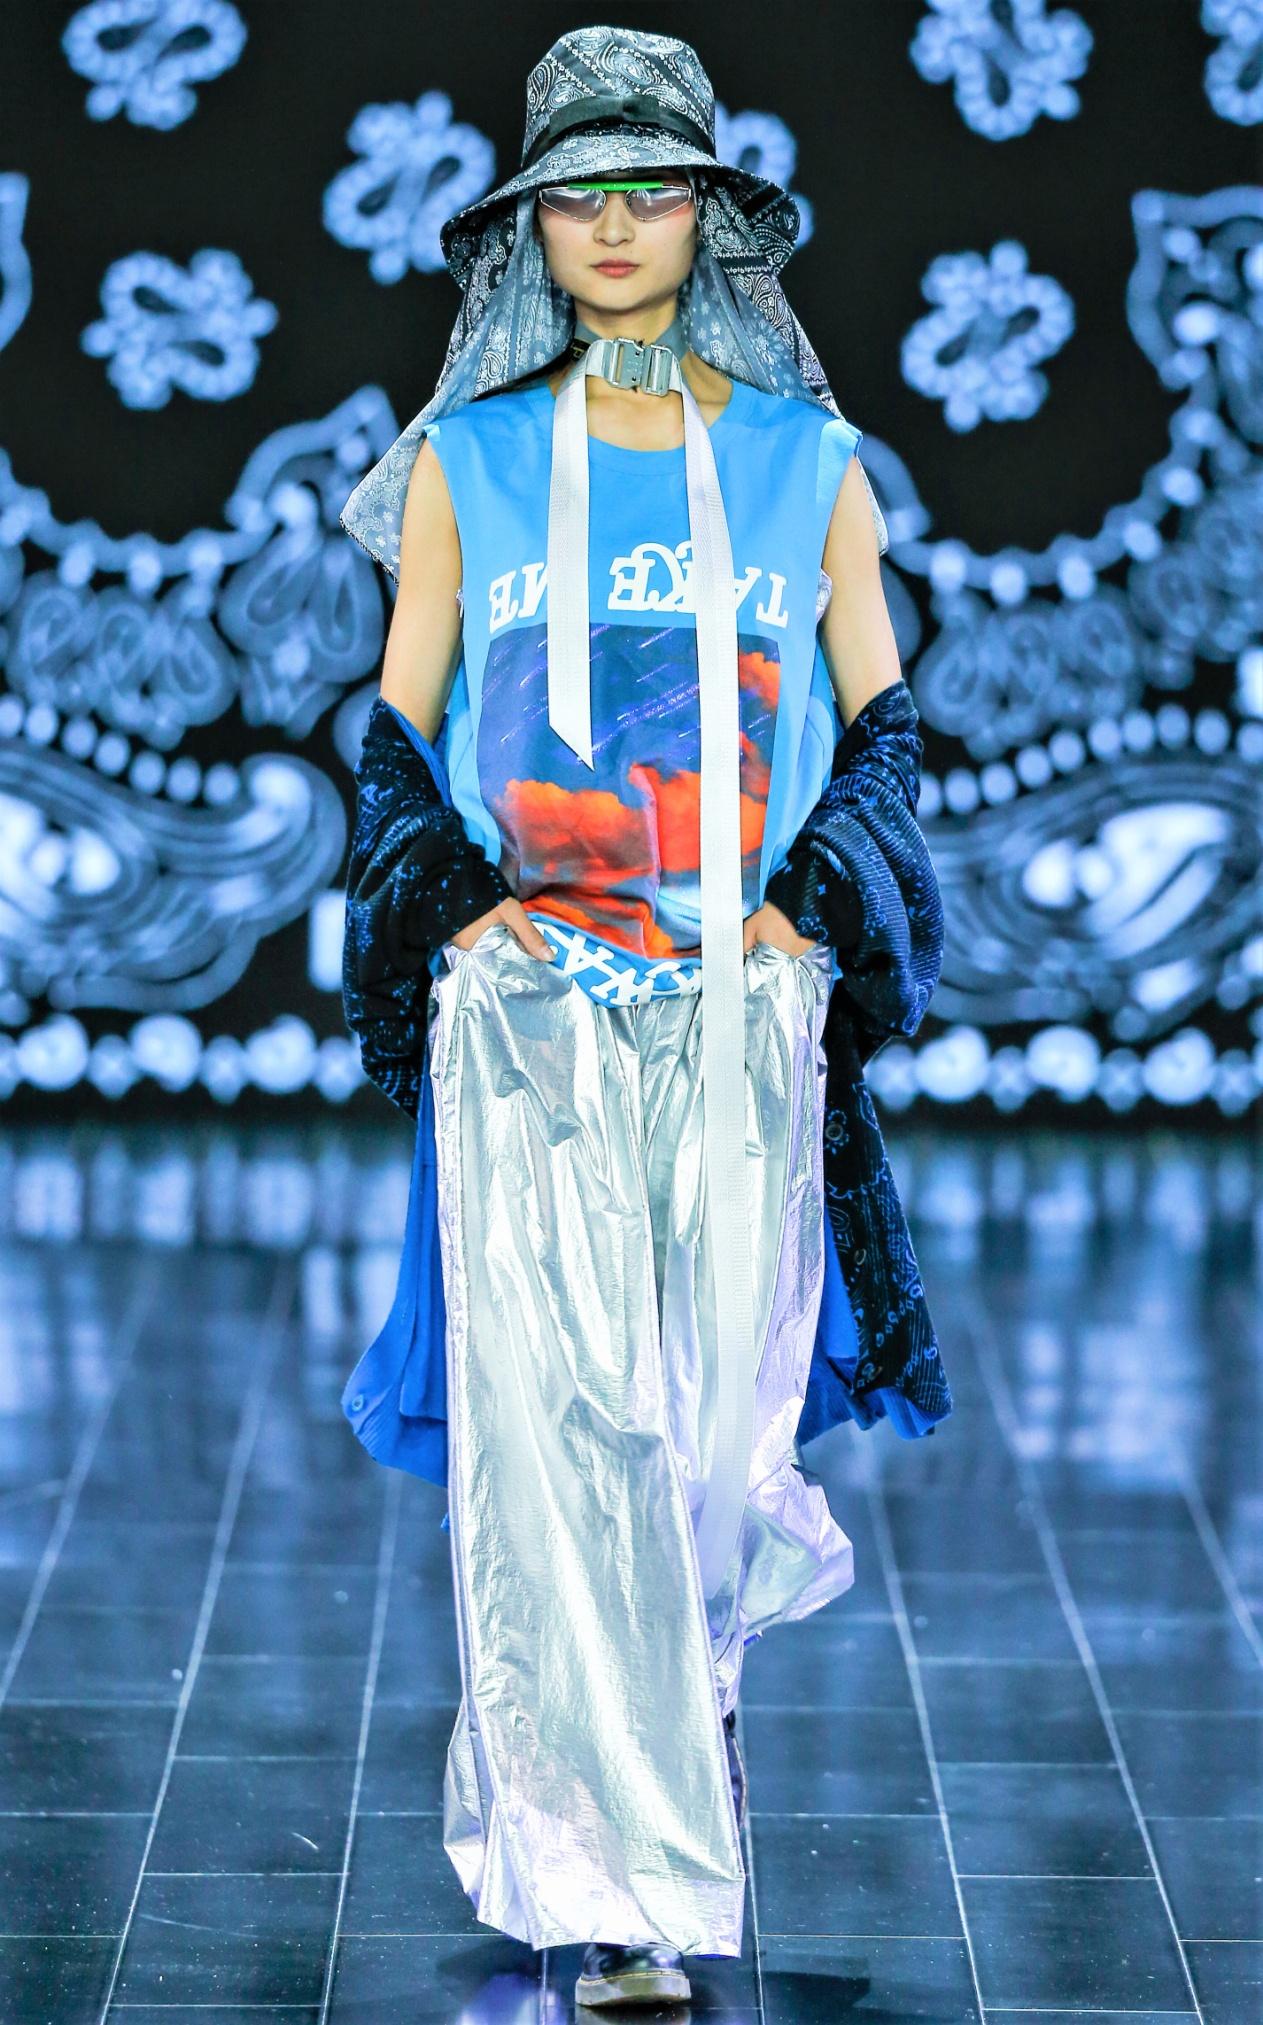 Silk road ribyeung silver pants 1-21.jpg